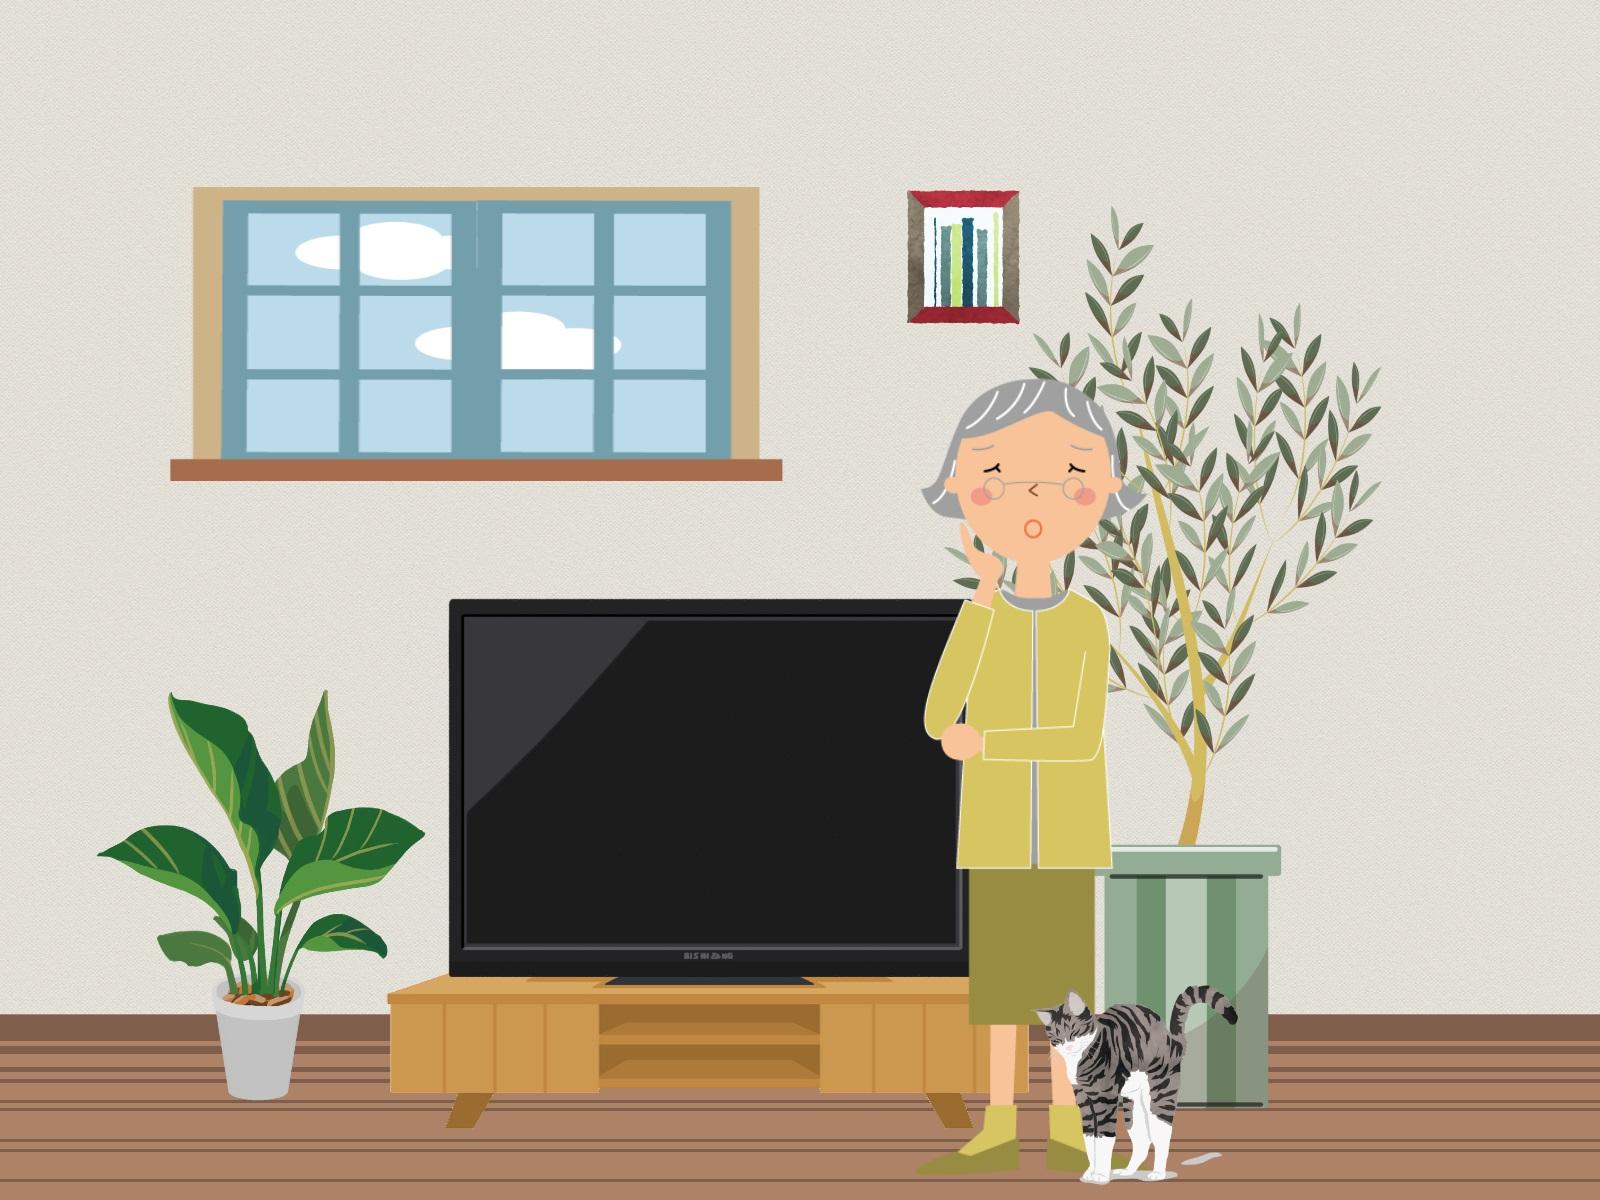 テレビの横で悩んでいる婦人のイラスト